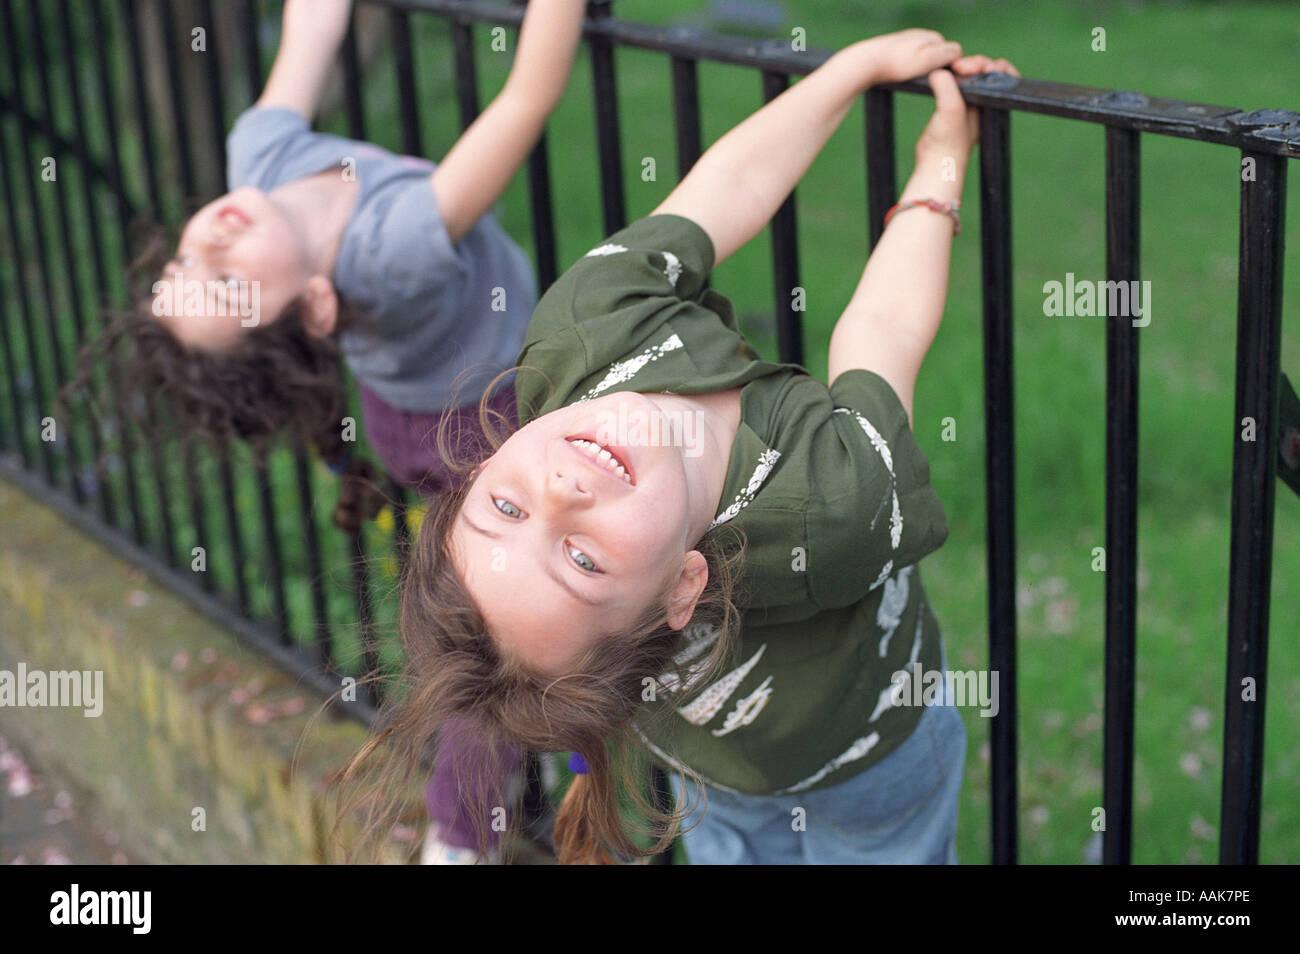 Deux filles de six ans jouant sur les garde-corps métalliques, Londres, Royaume-Uni. Banque D'Images